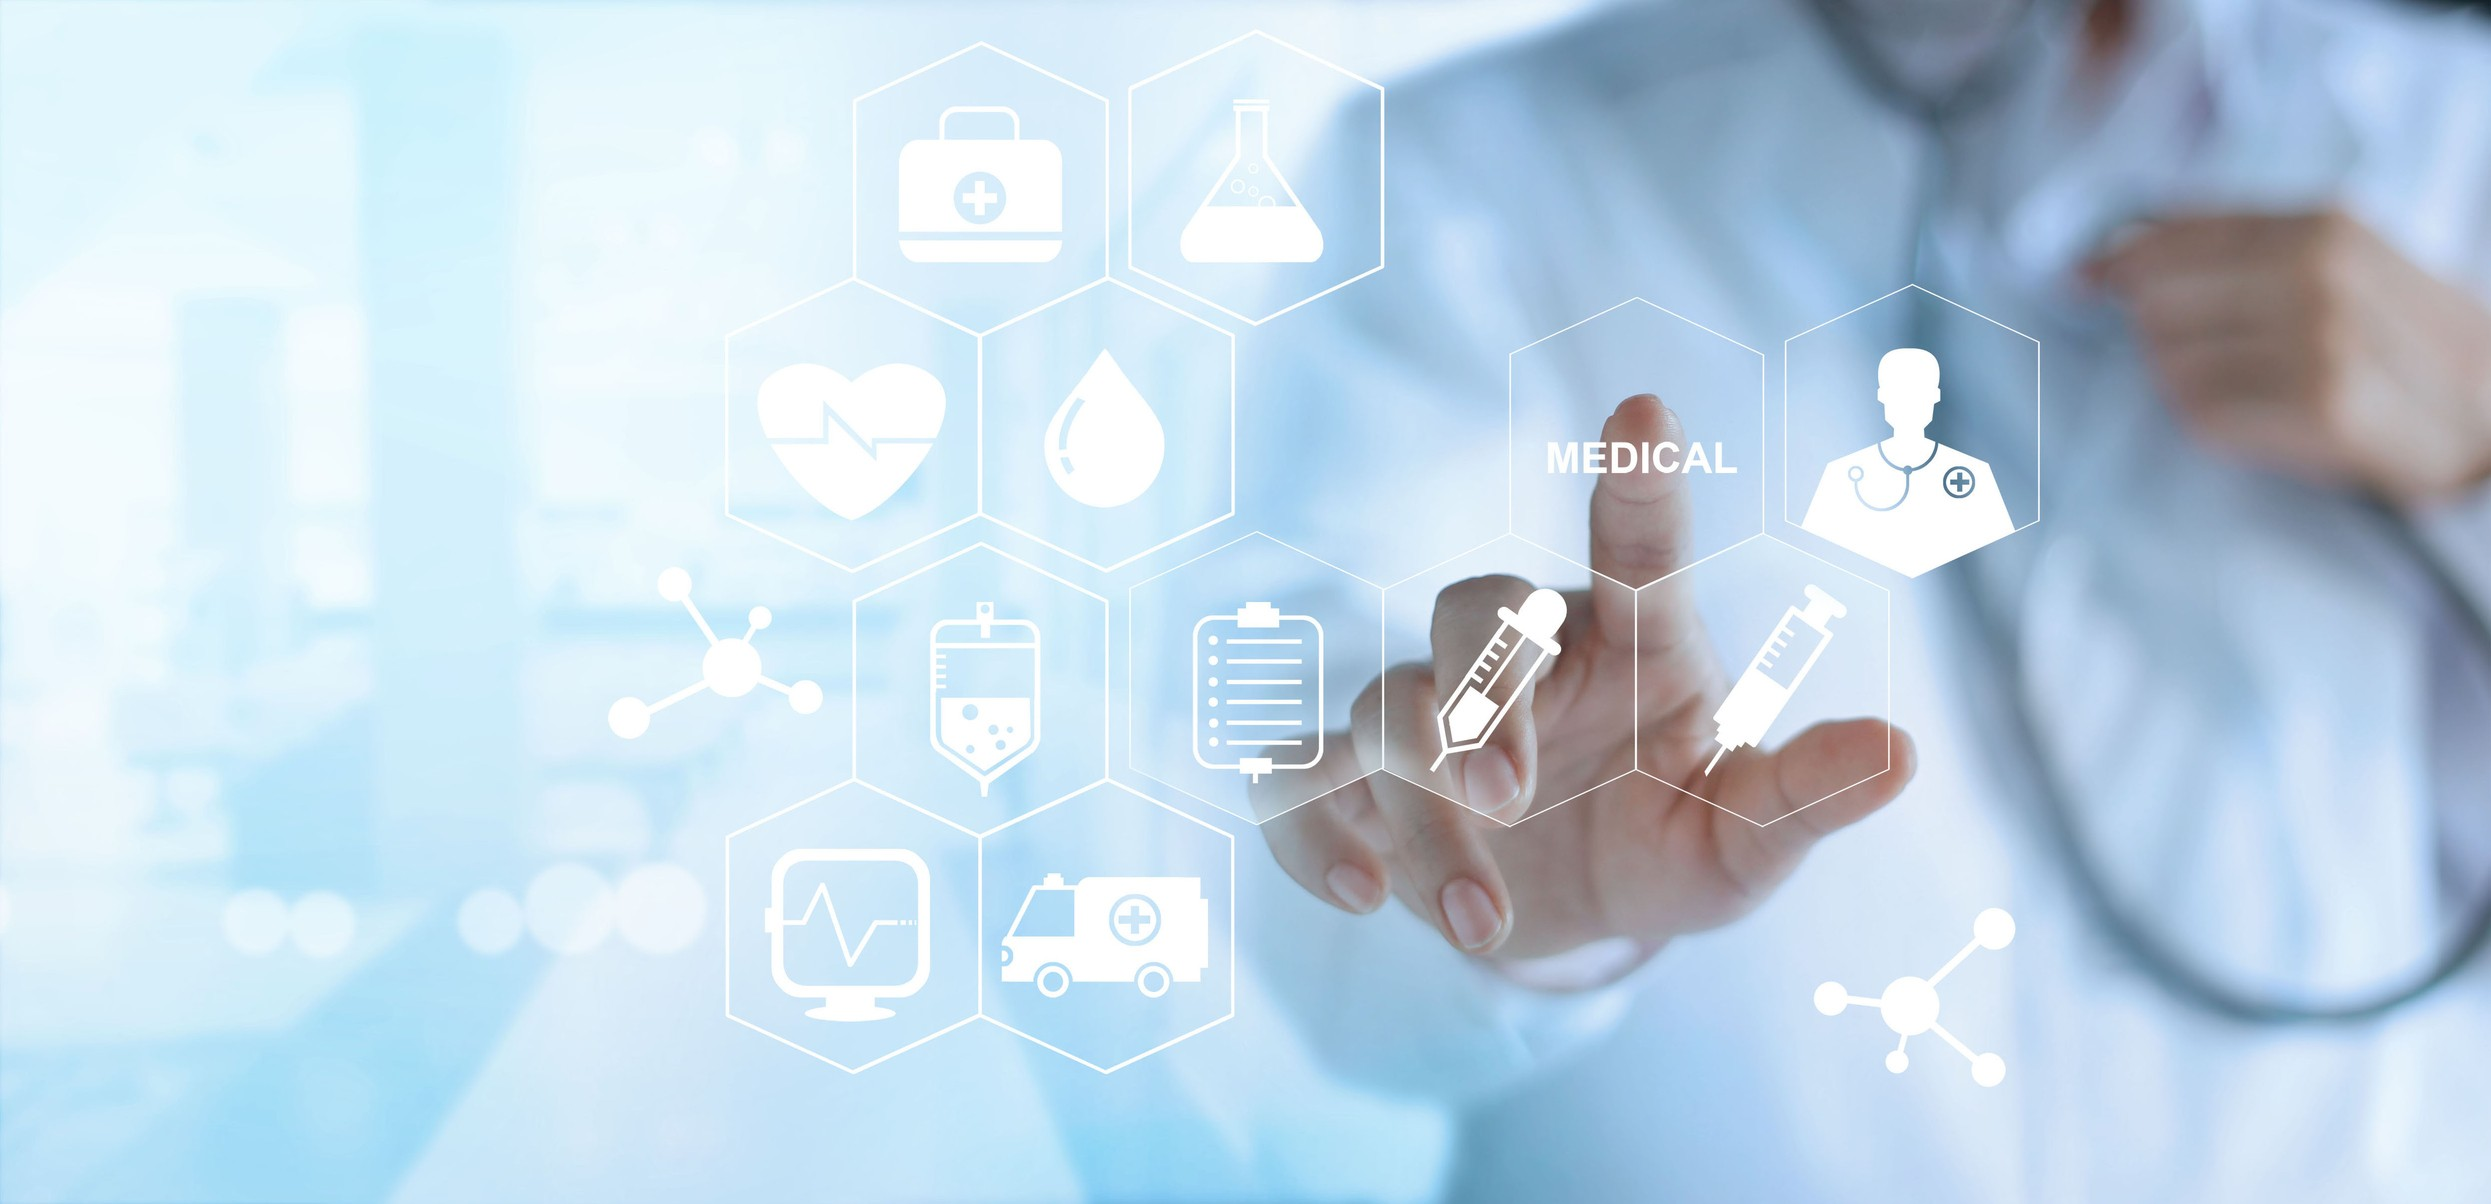 مراحل پیاده سازی پرونده الکترونیک سلامت